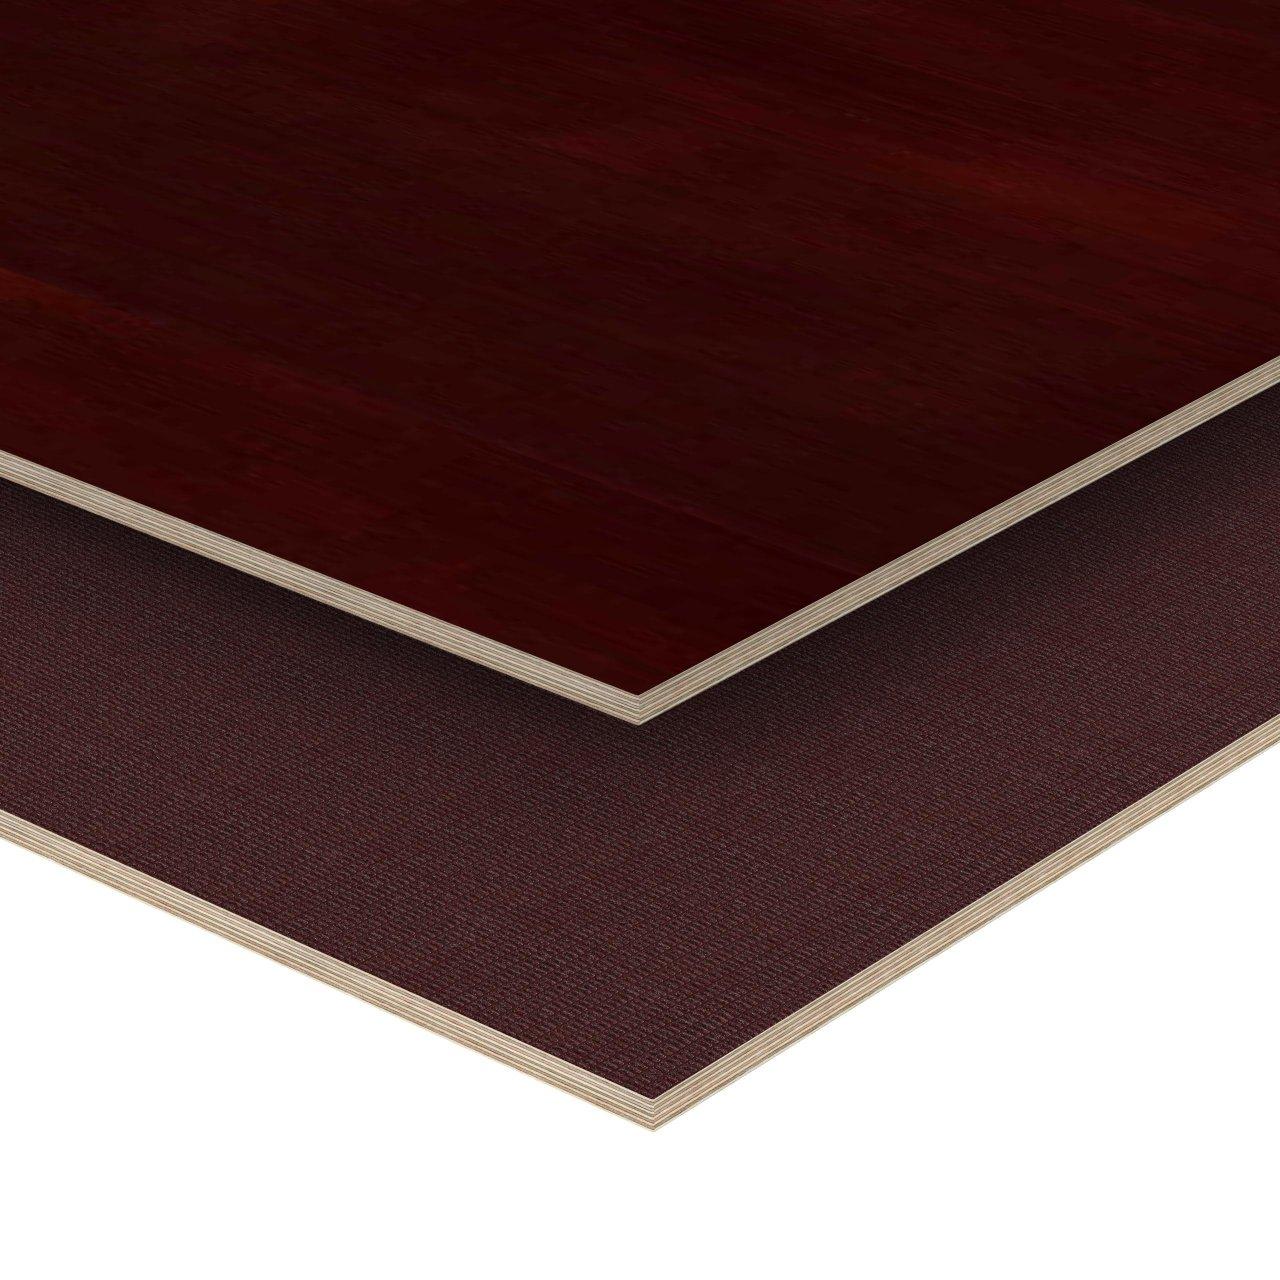 90x60 cm Siebdruckplatte 30mm Zuschnitt Multiplex Birke Holz Bodenplatte